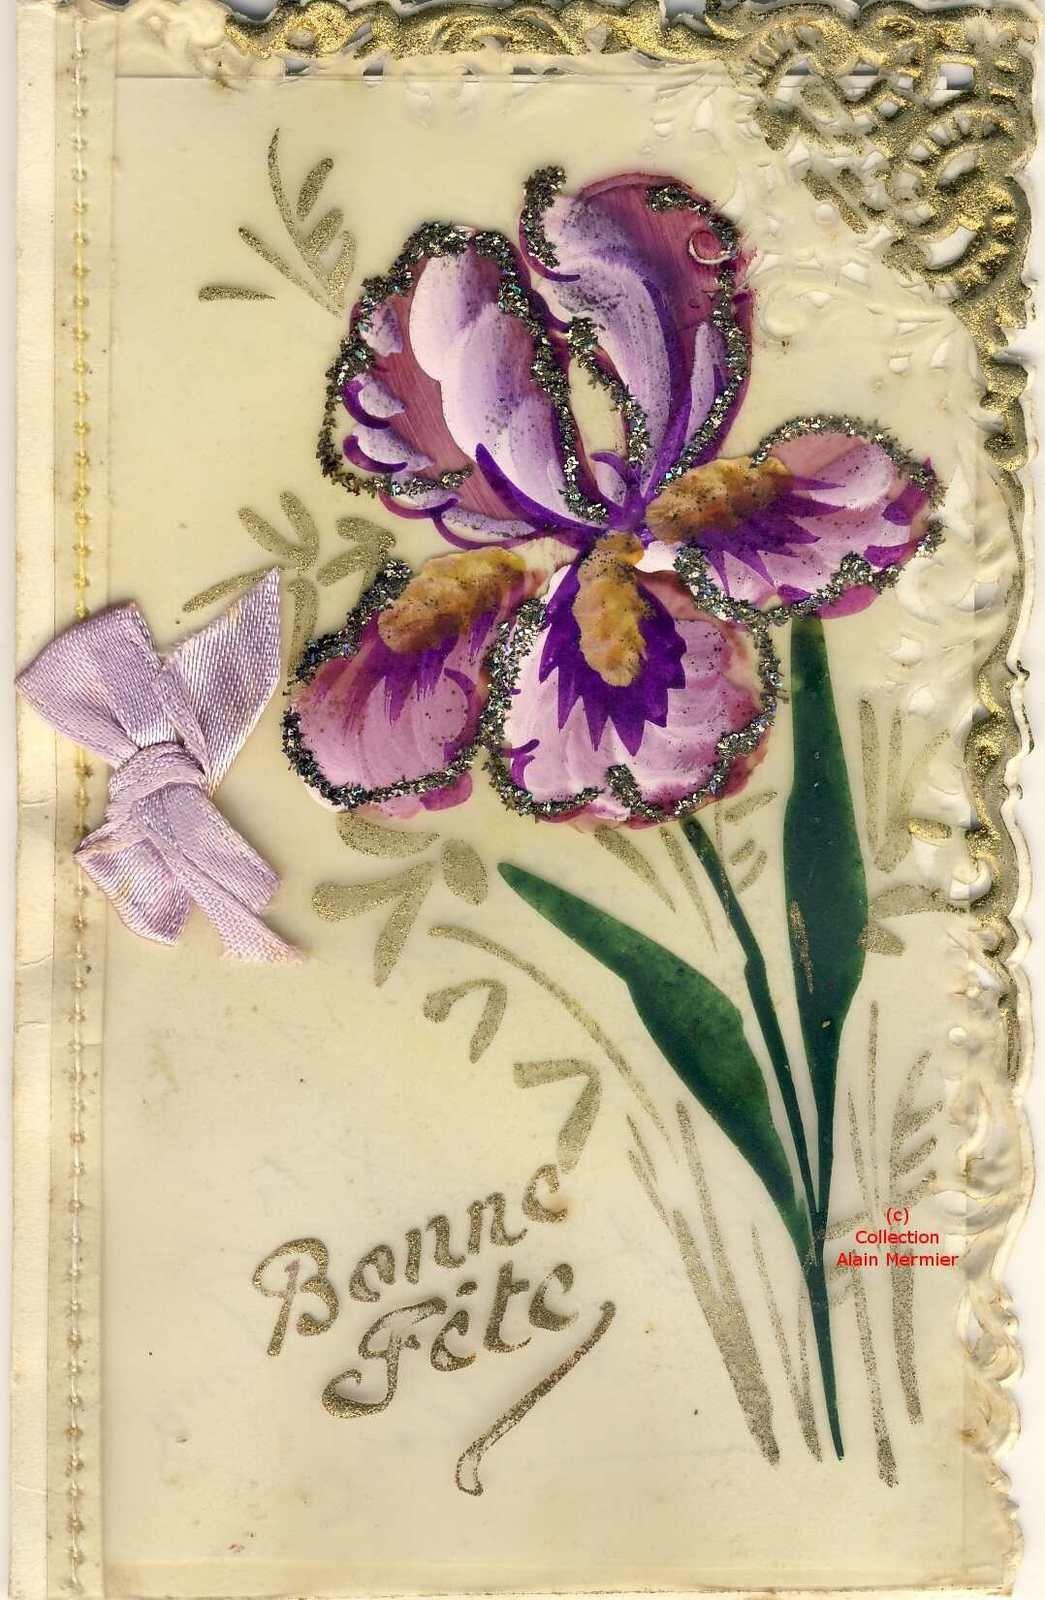 Iris -2257- Peint main sur celluloïd. Bonne fête. Paillettes. 4 pages et noeud. France.